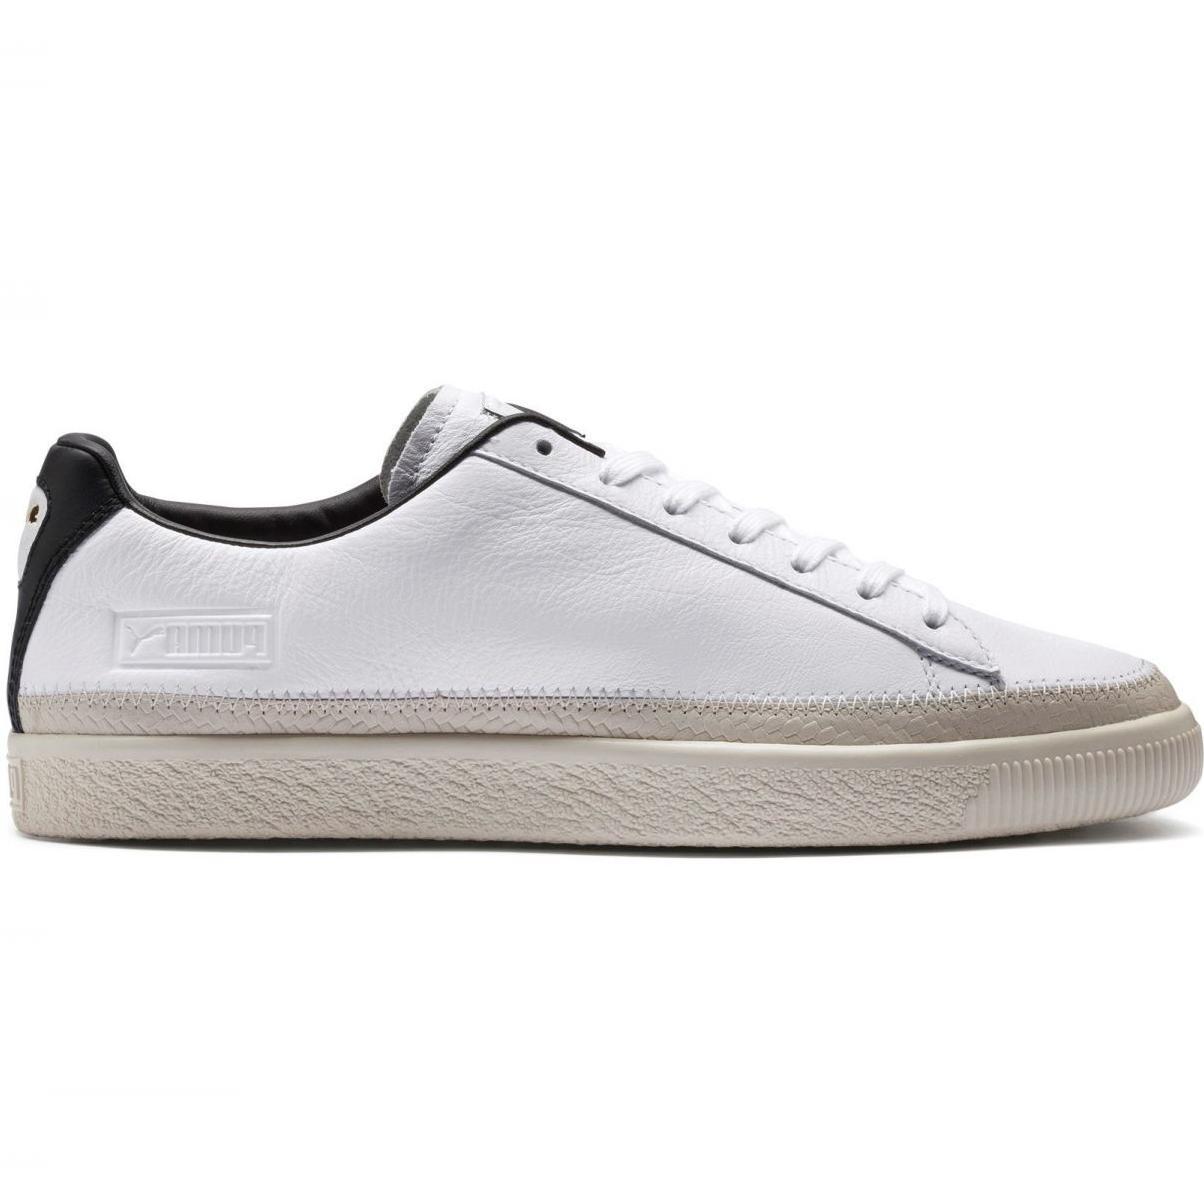 Details zu Puma Basket Trim Sneaker Herren Schuhe Freizeitschuhe Lifestyle  369641-01